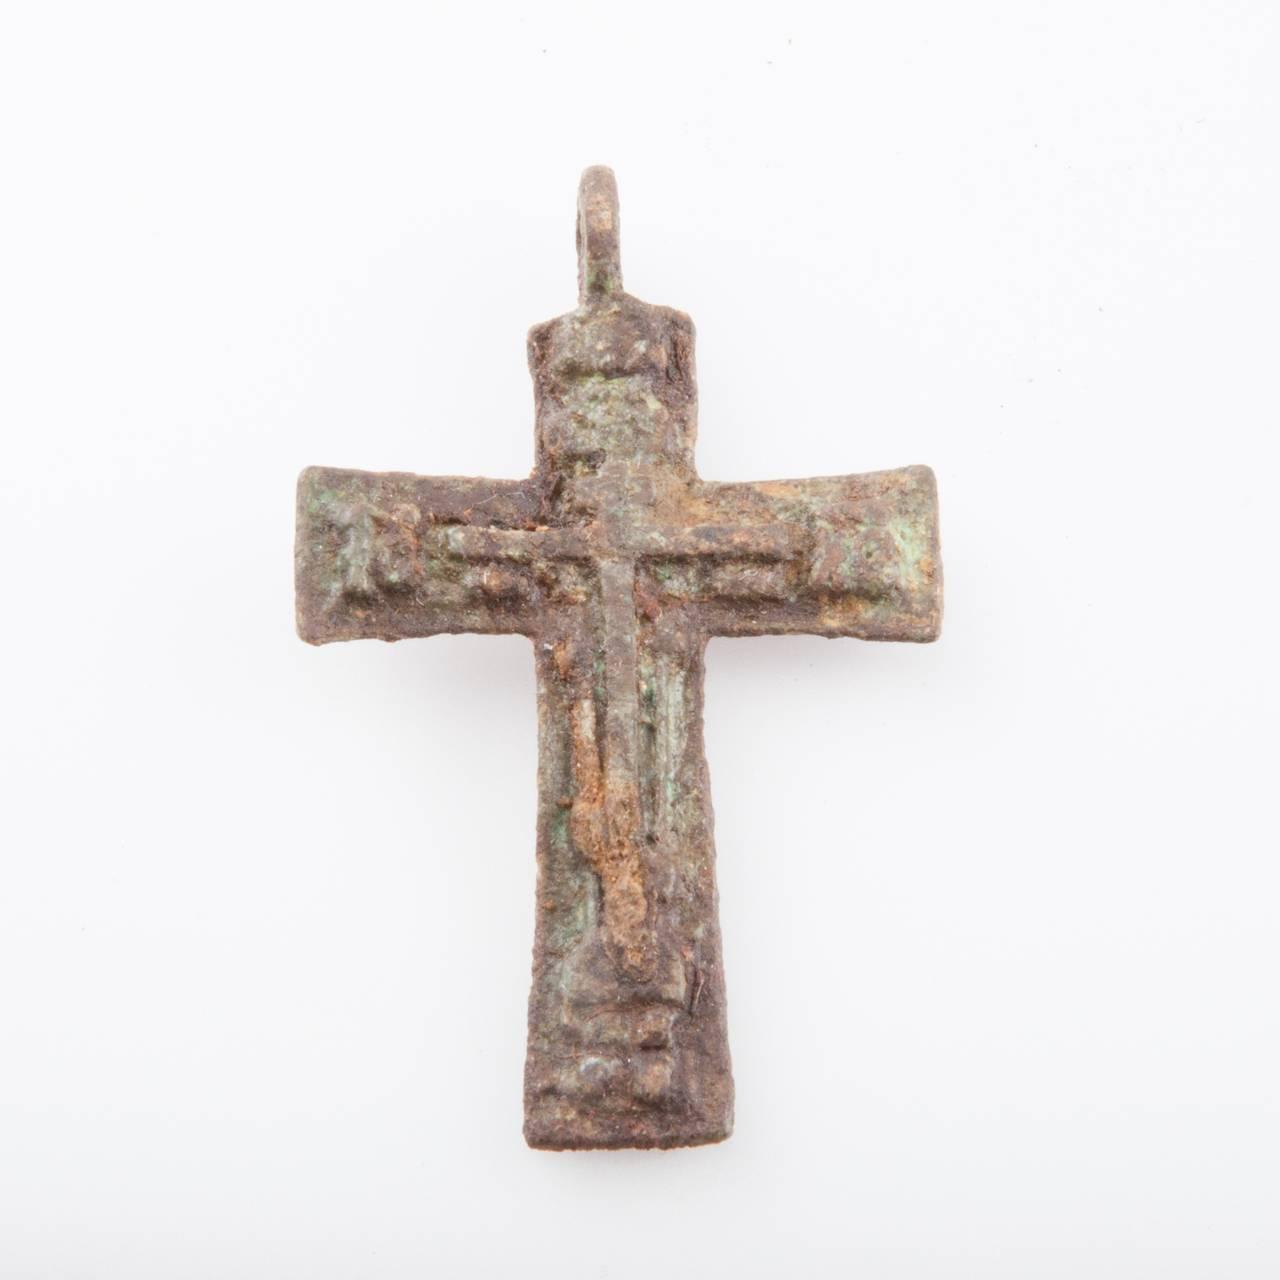 Kors funnet i samiske urgraver som tilhører De schreinerske samlinger